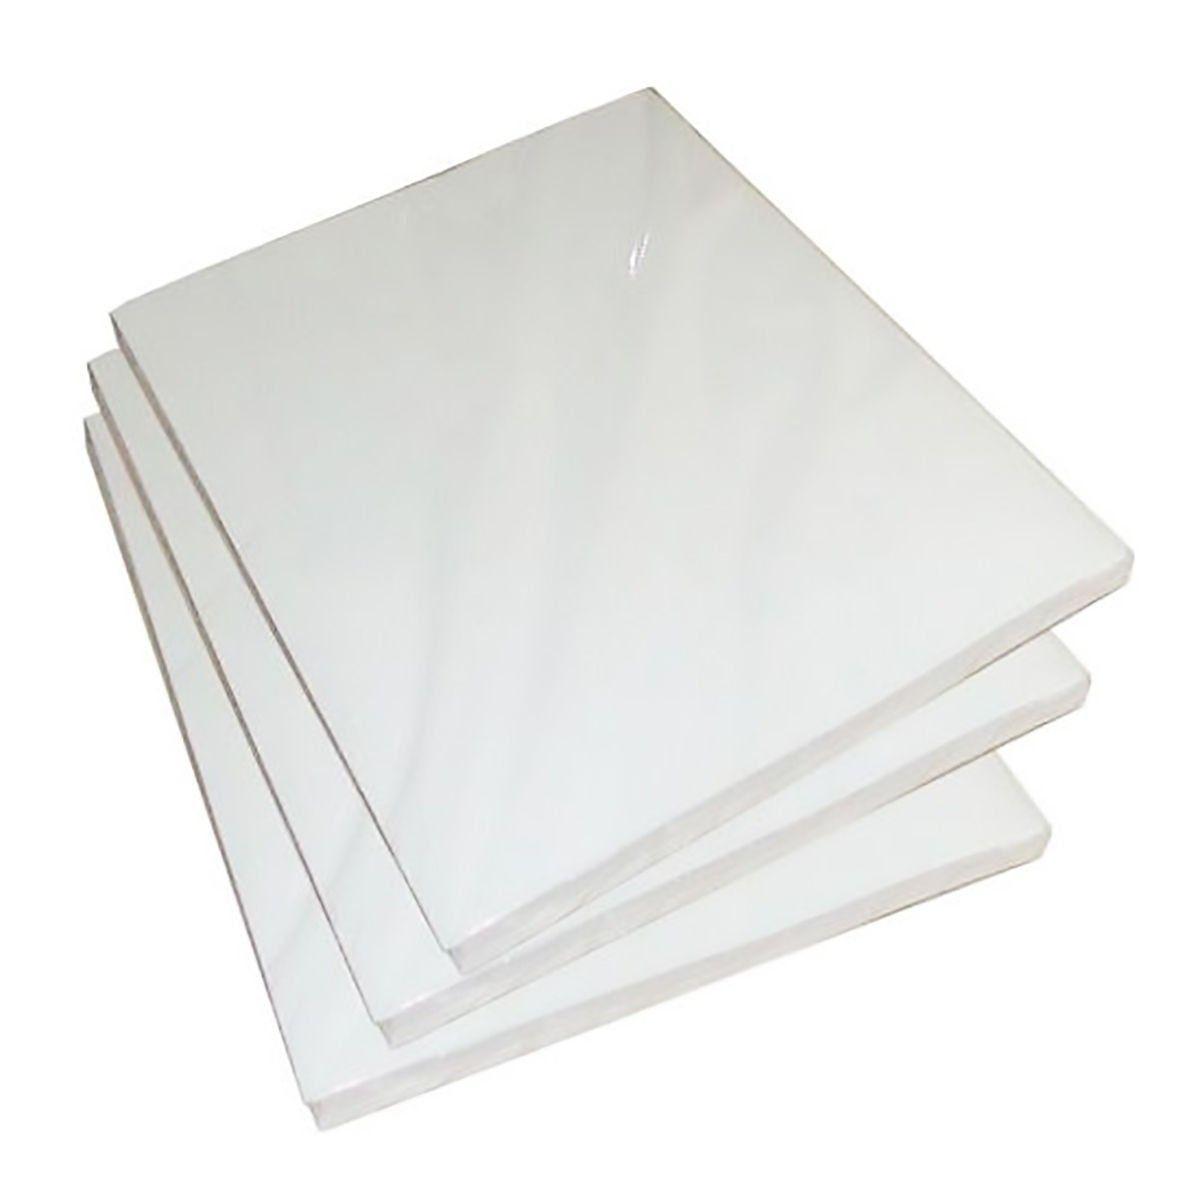 Papel Fotográfico A4 180g Glossy Branco Brilhante Resistente à Água / 200 folhas